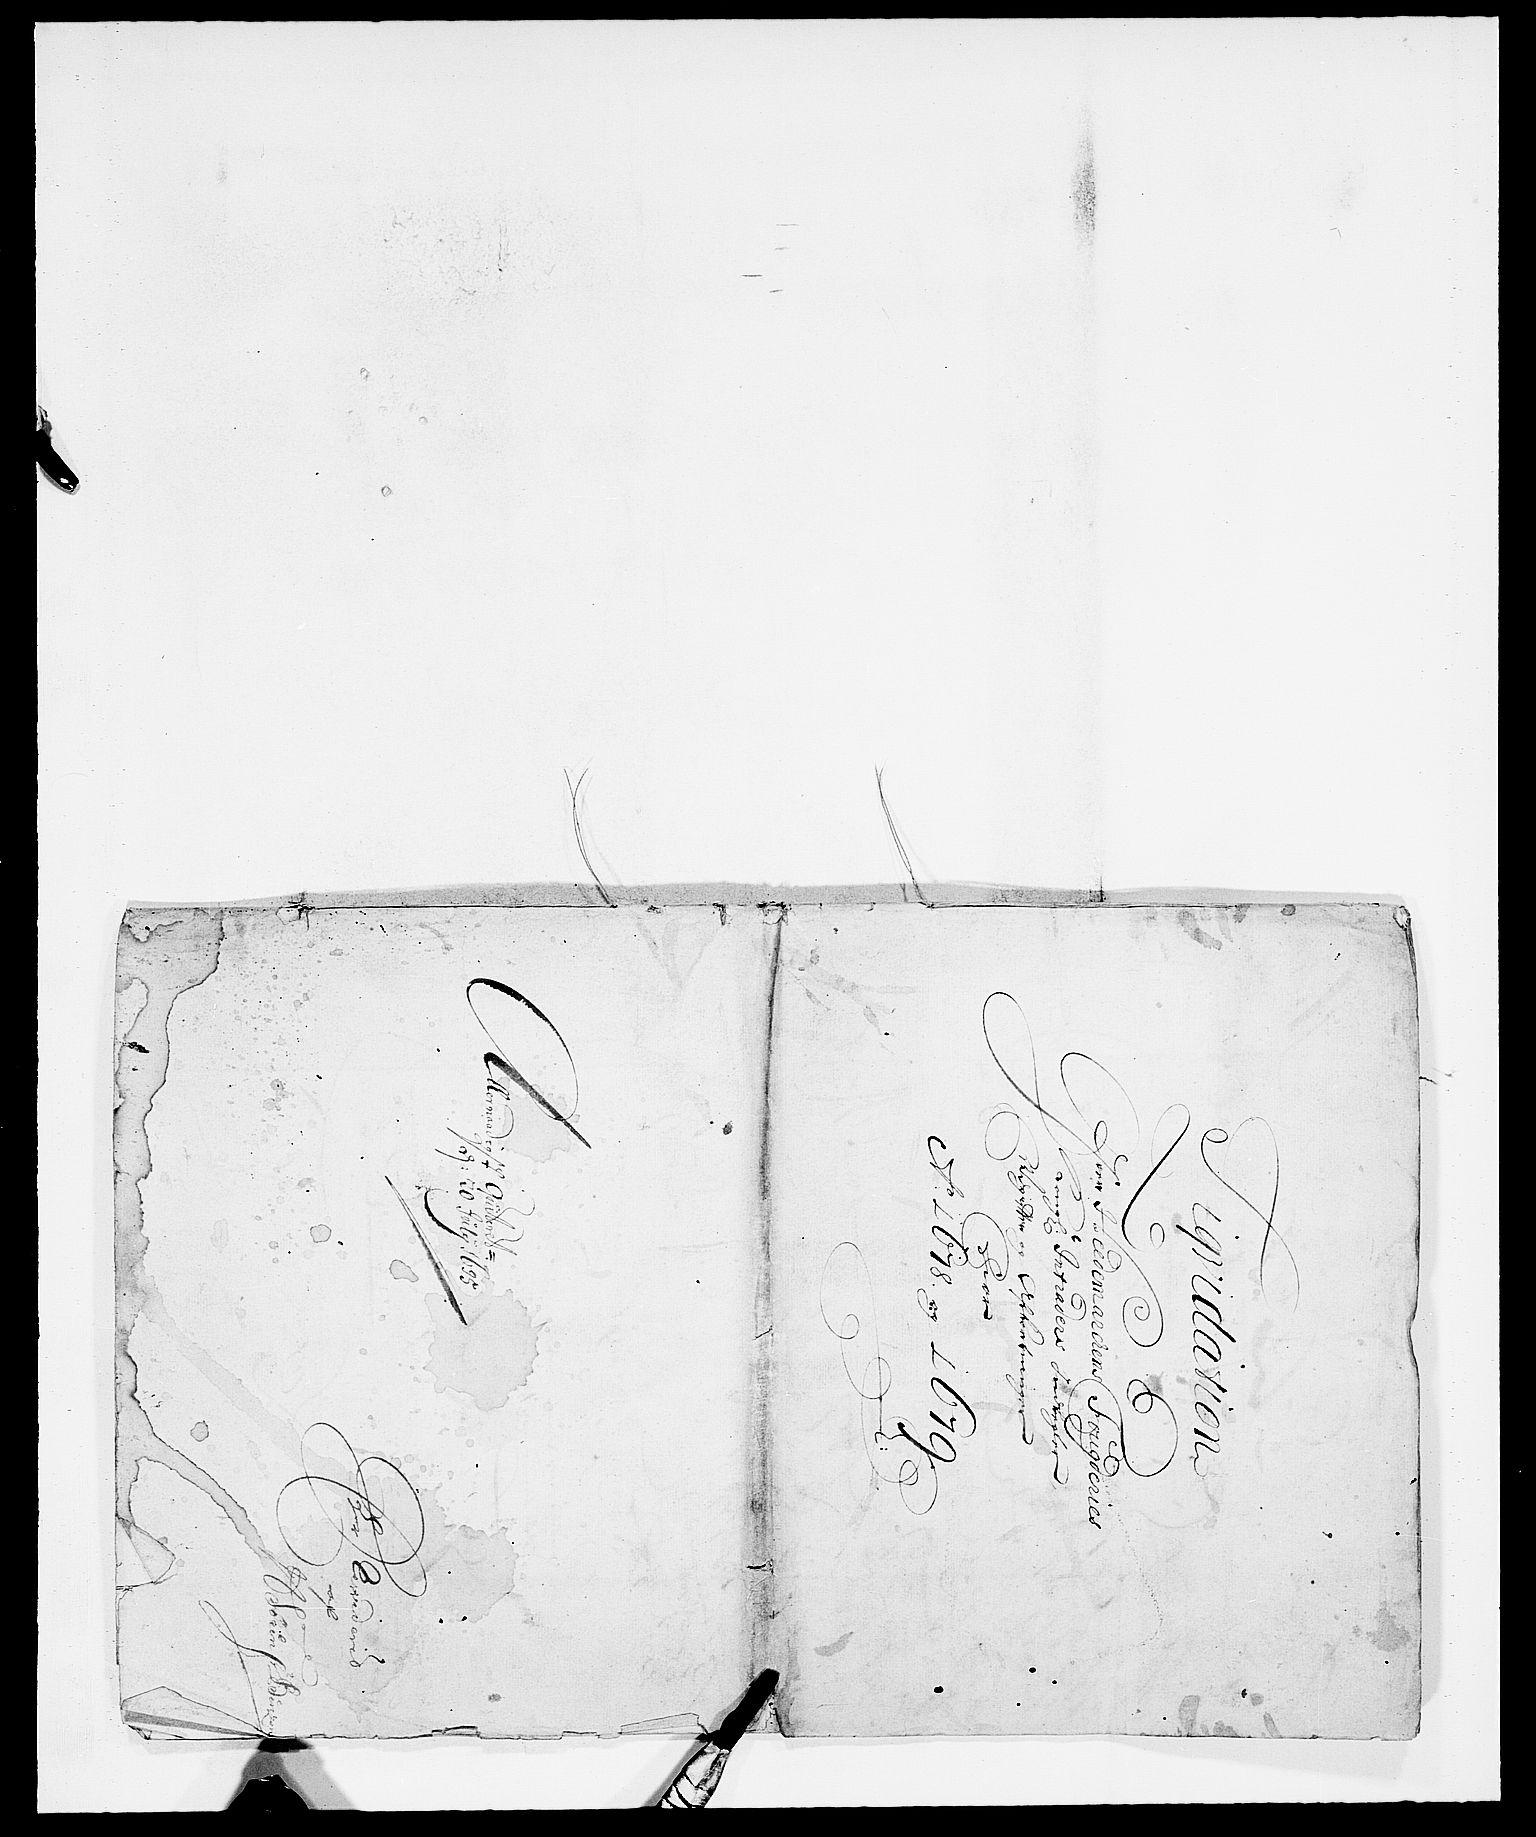 RA, Rentekammeret inntil 1814, Reviderte regnskaper, Fogderegnskap, R16/L1017: Fogderegnskap Hedmark, 1678-1679, s. 10